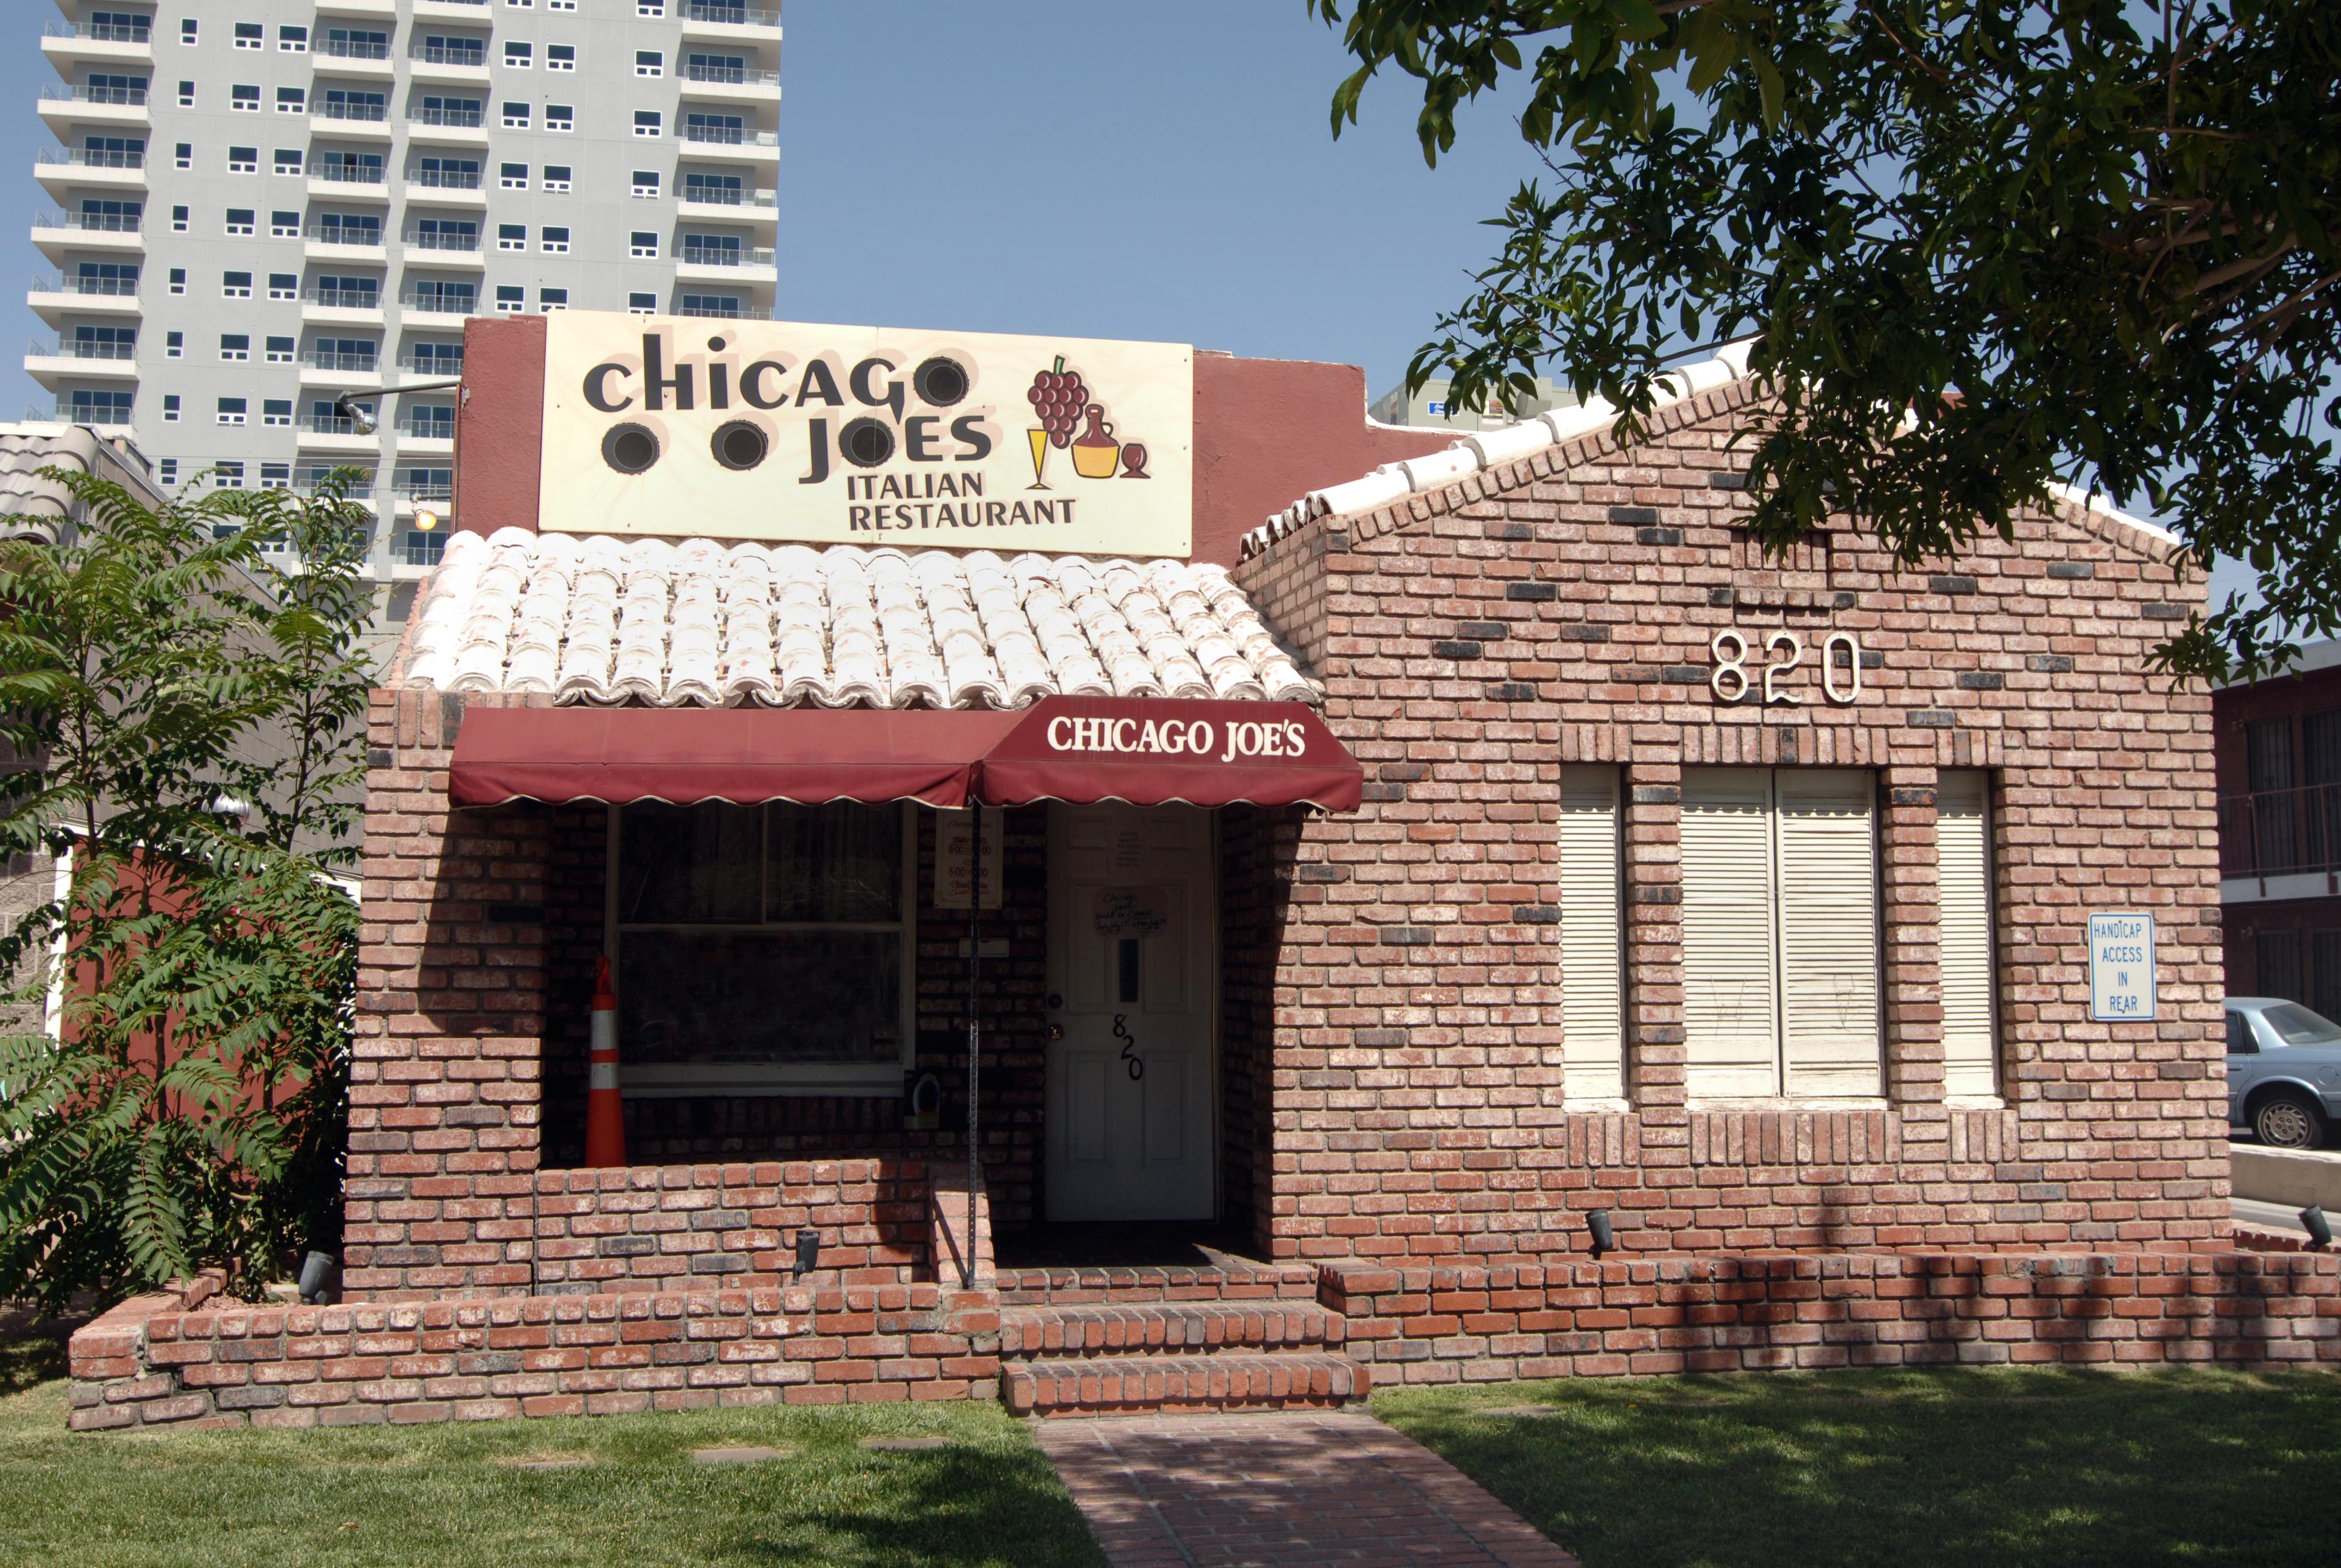 Chicago Joe's Restaurant